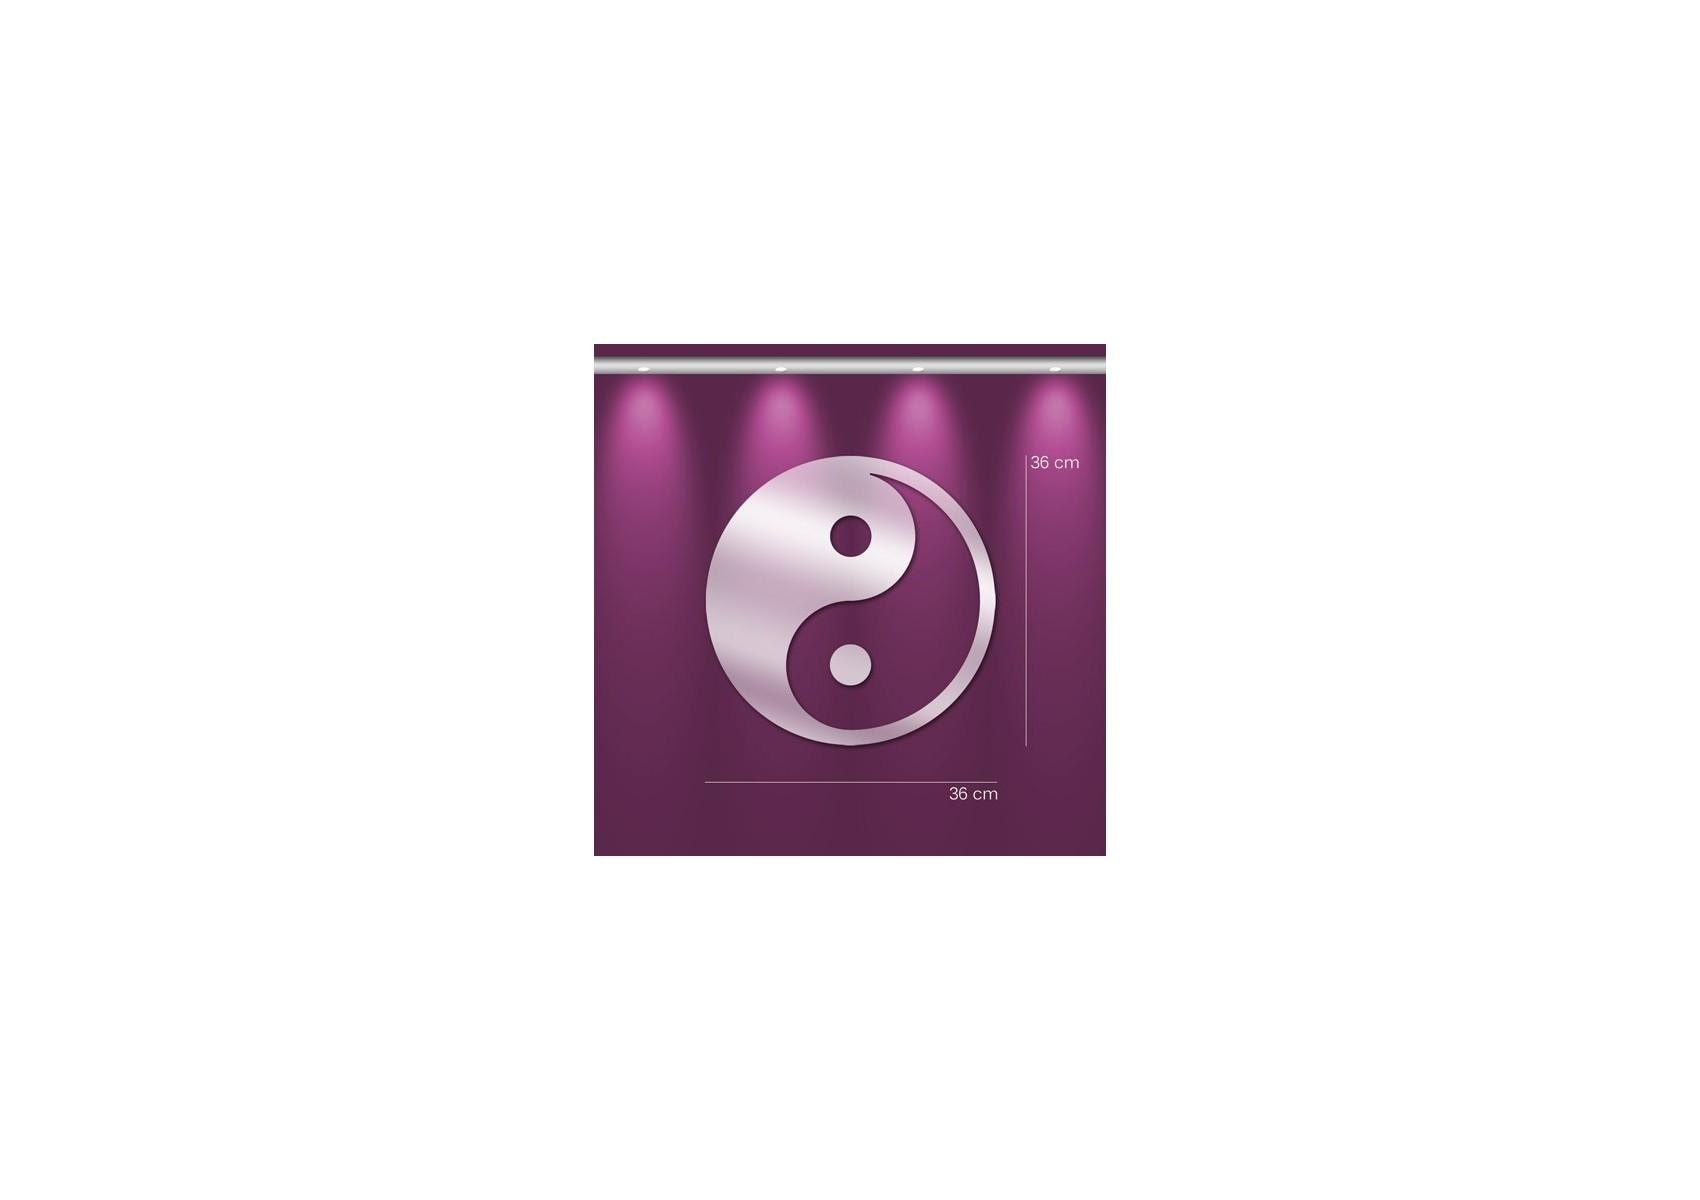 Miroir yin yang chinois deco murale boite design for Decoration murale yin yang